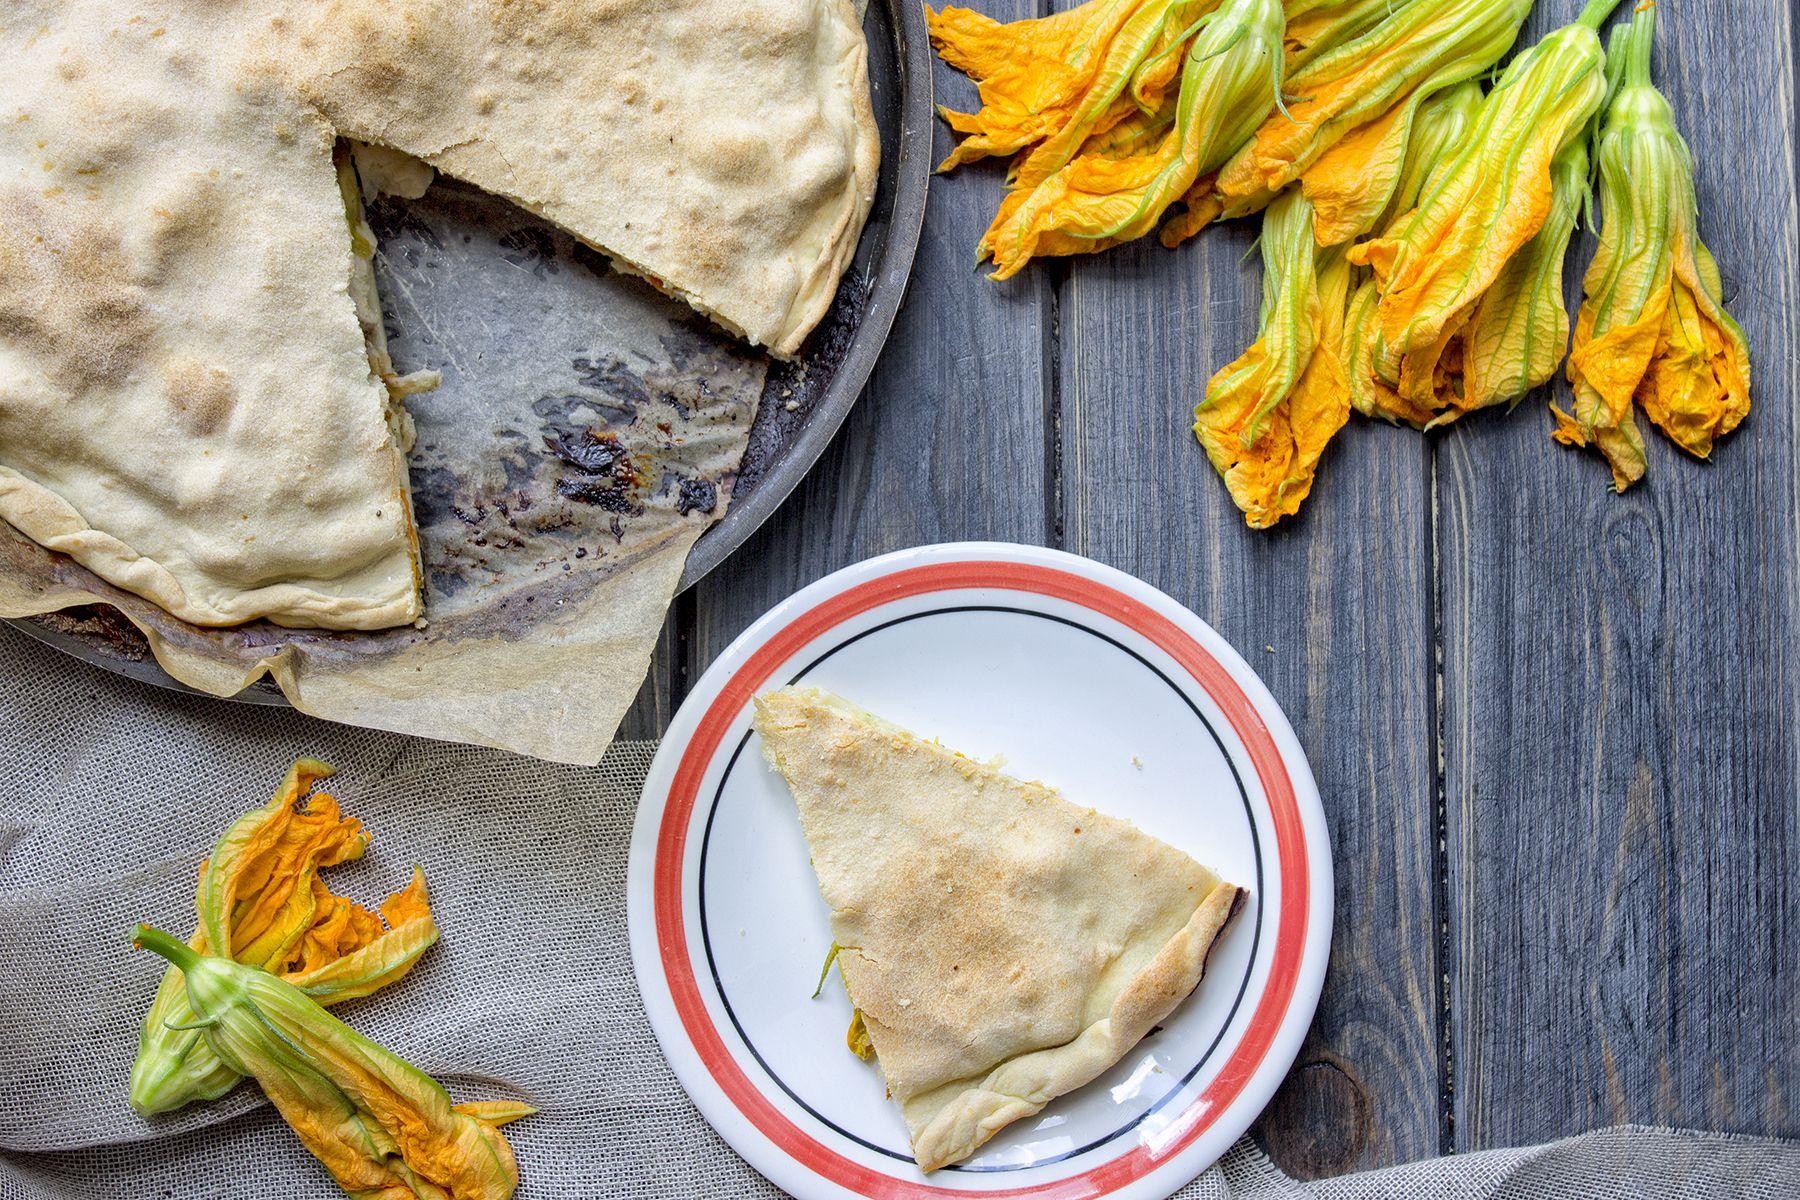 Torta rustica con fiori di zucchine, acciughe e stracchino